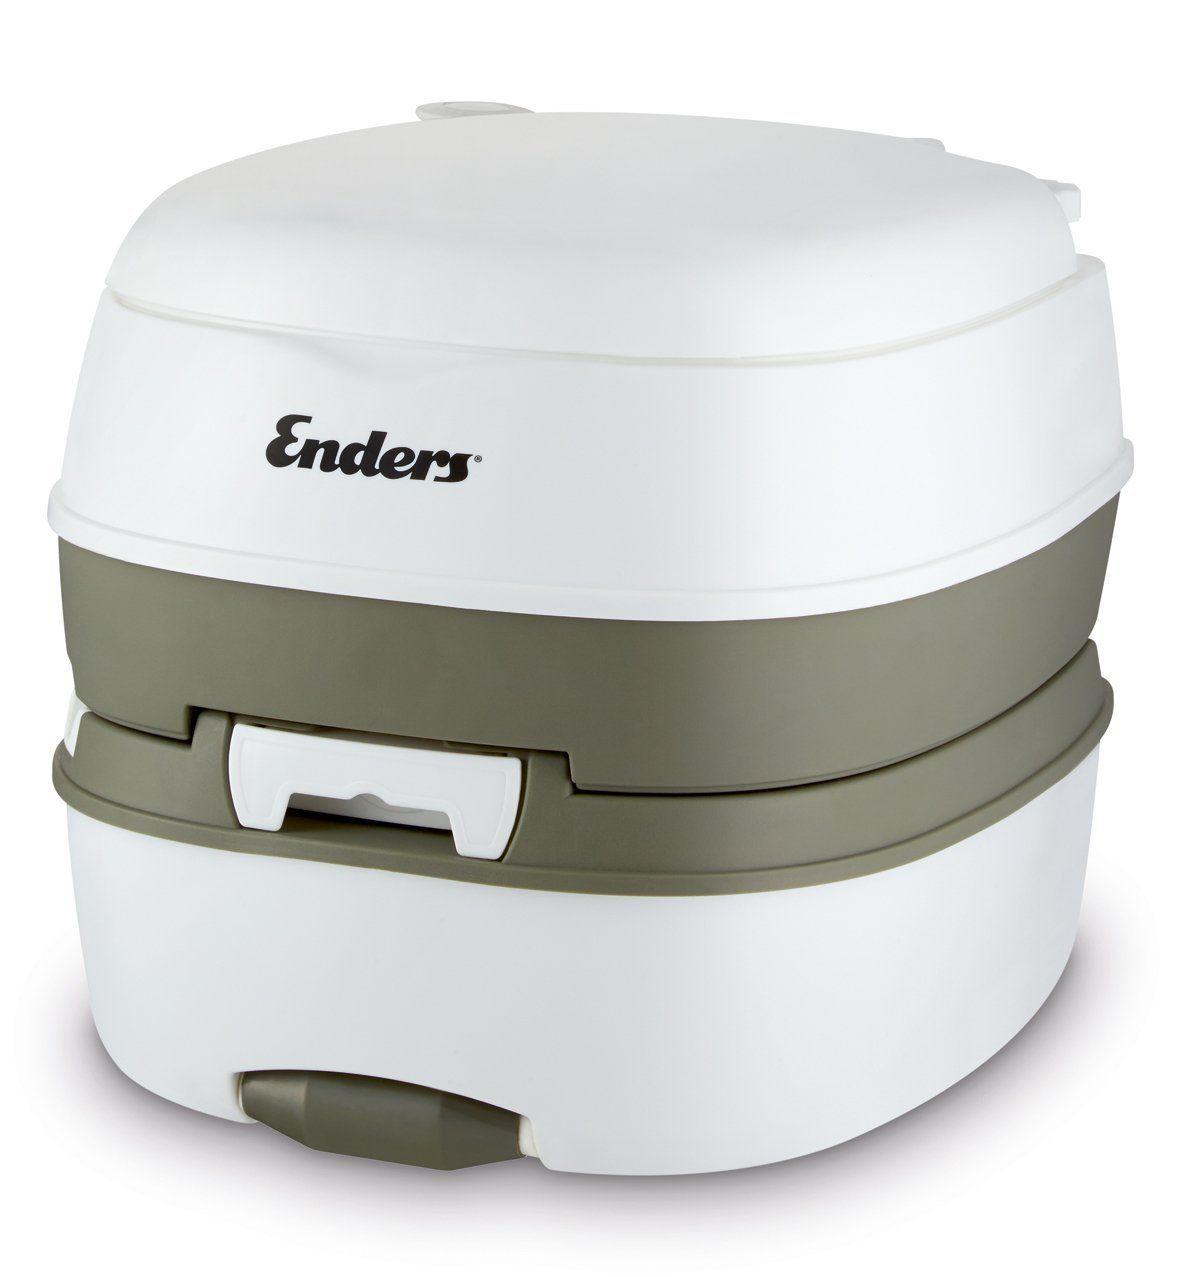 Enders Campingtoilette Mobil WC Chemietoilette Amazon.de